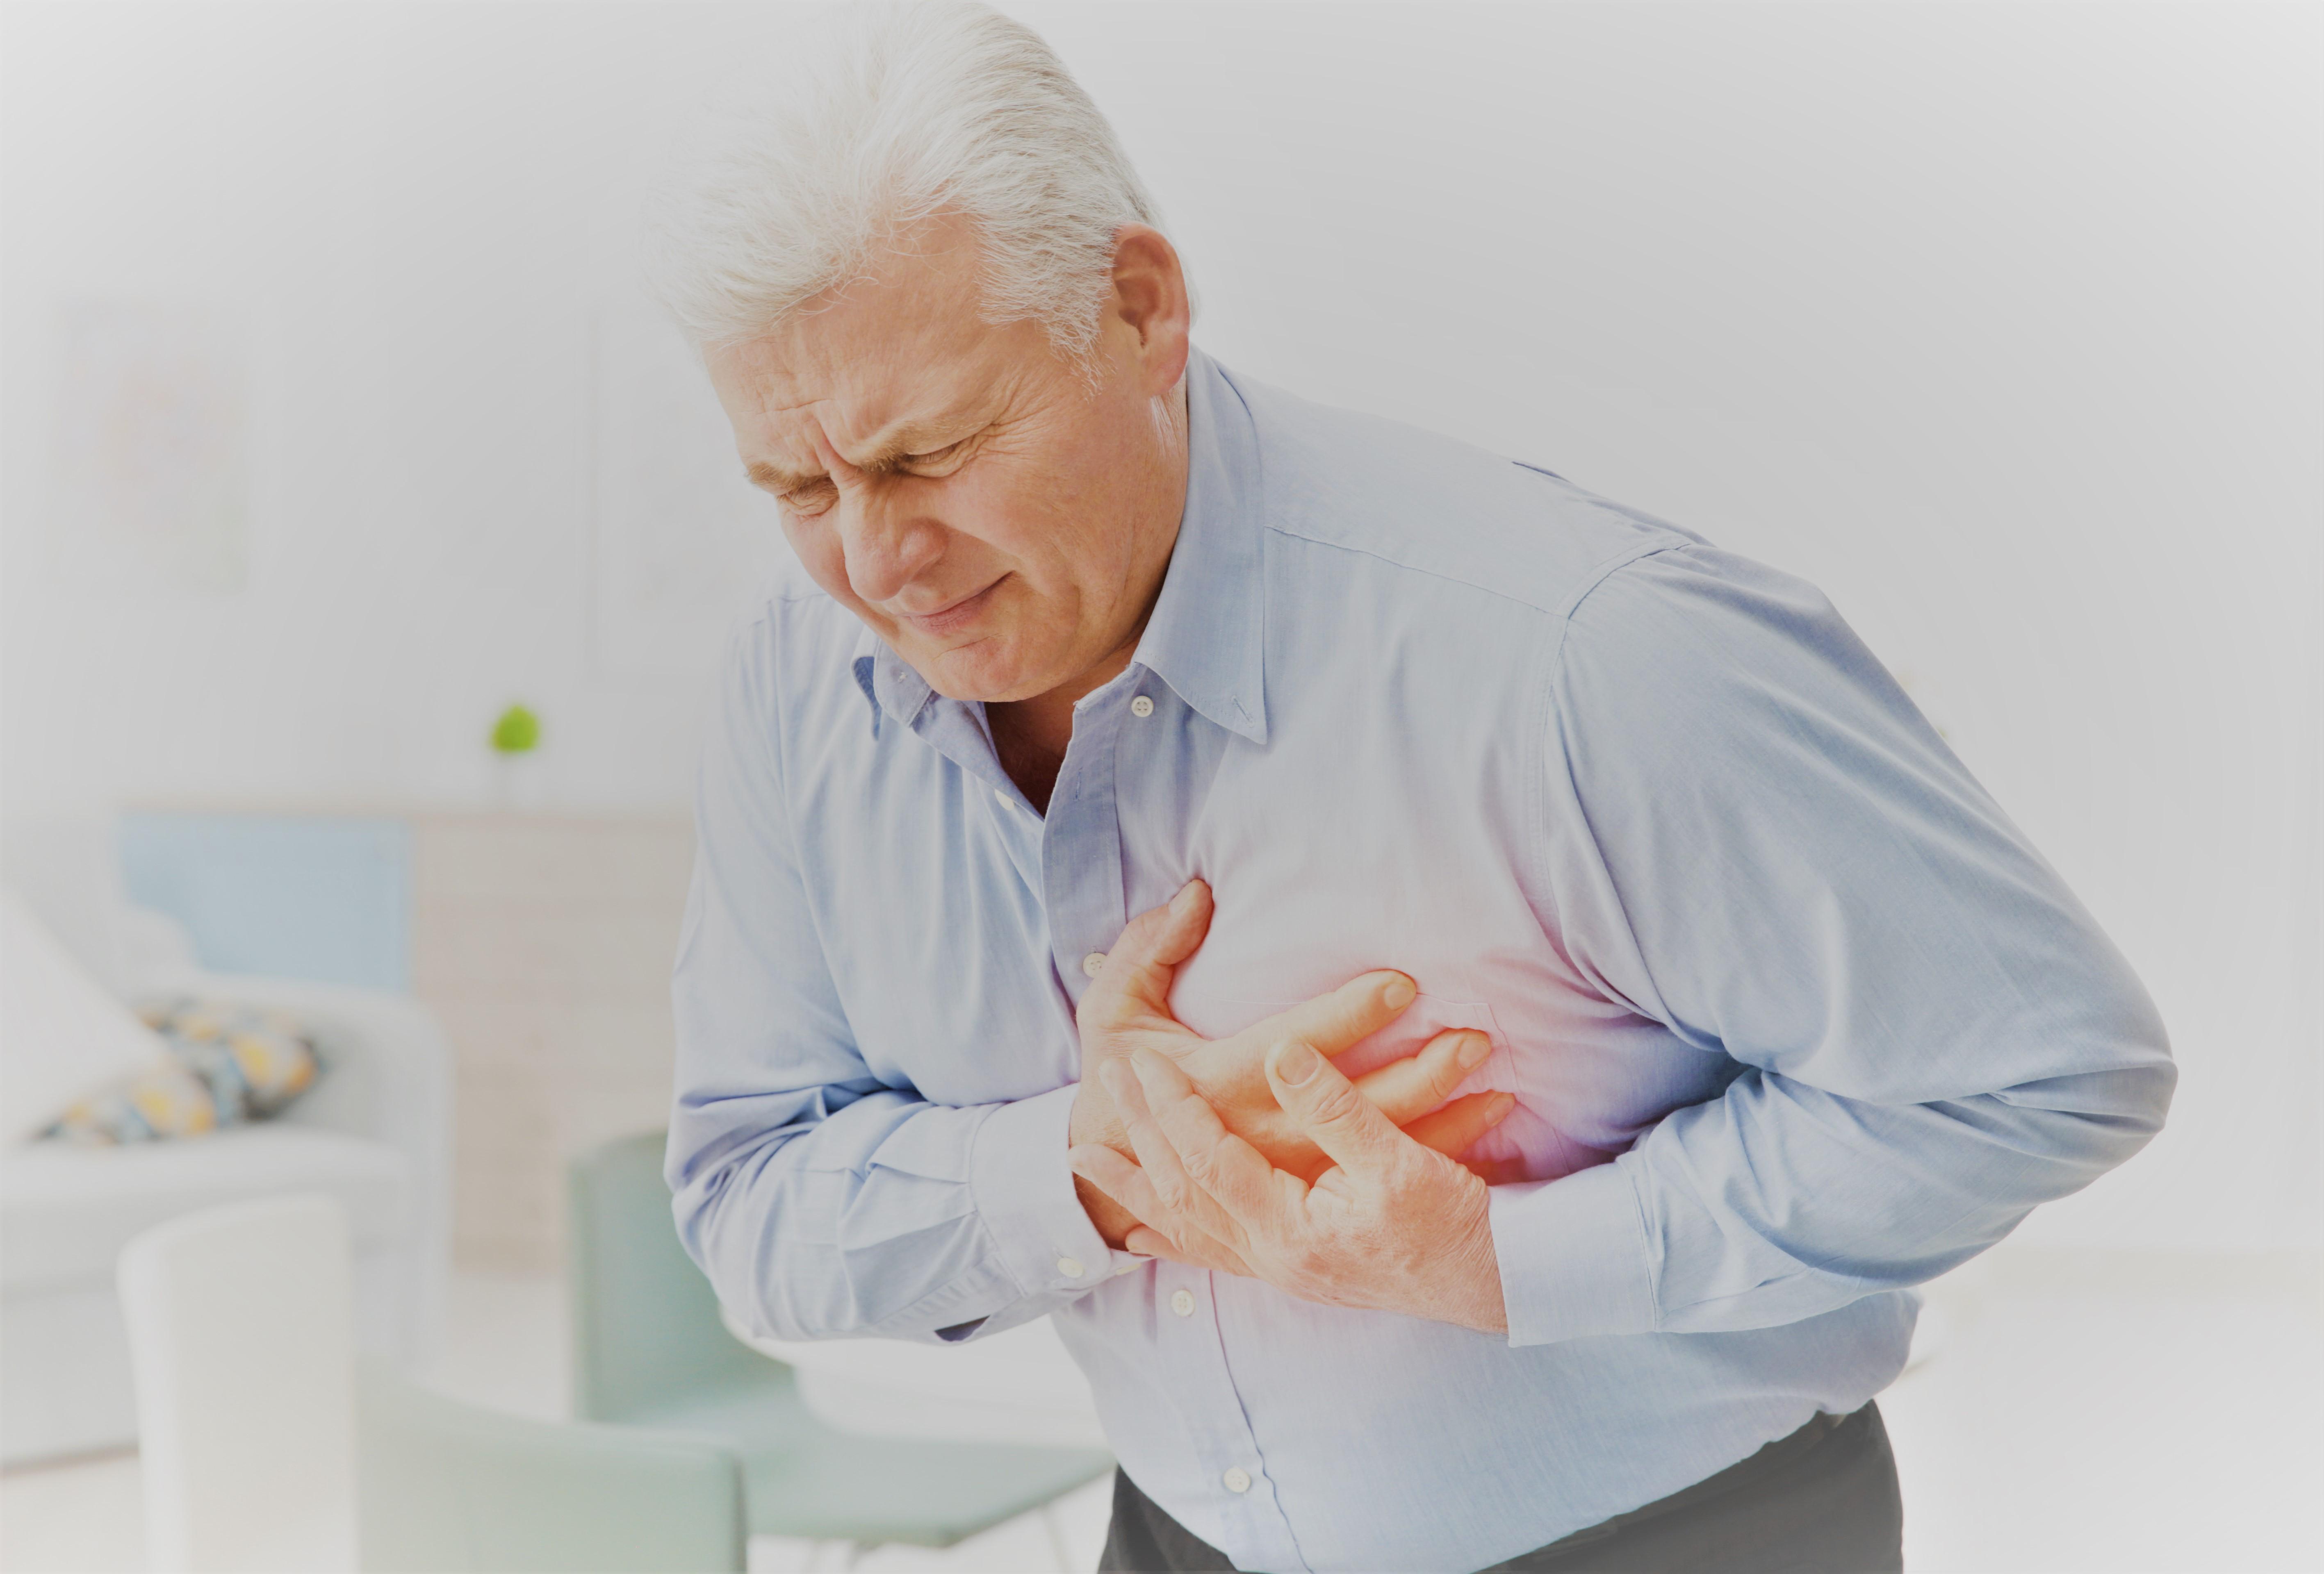 szívfájdalom és magas vérnyomás a magas vérnyomás korrekciója